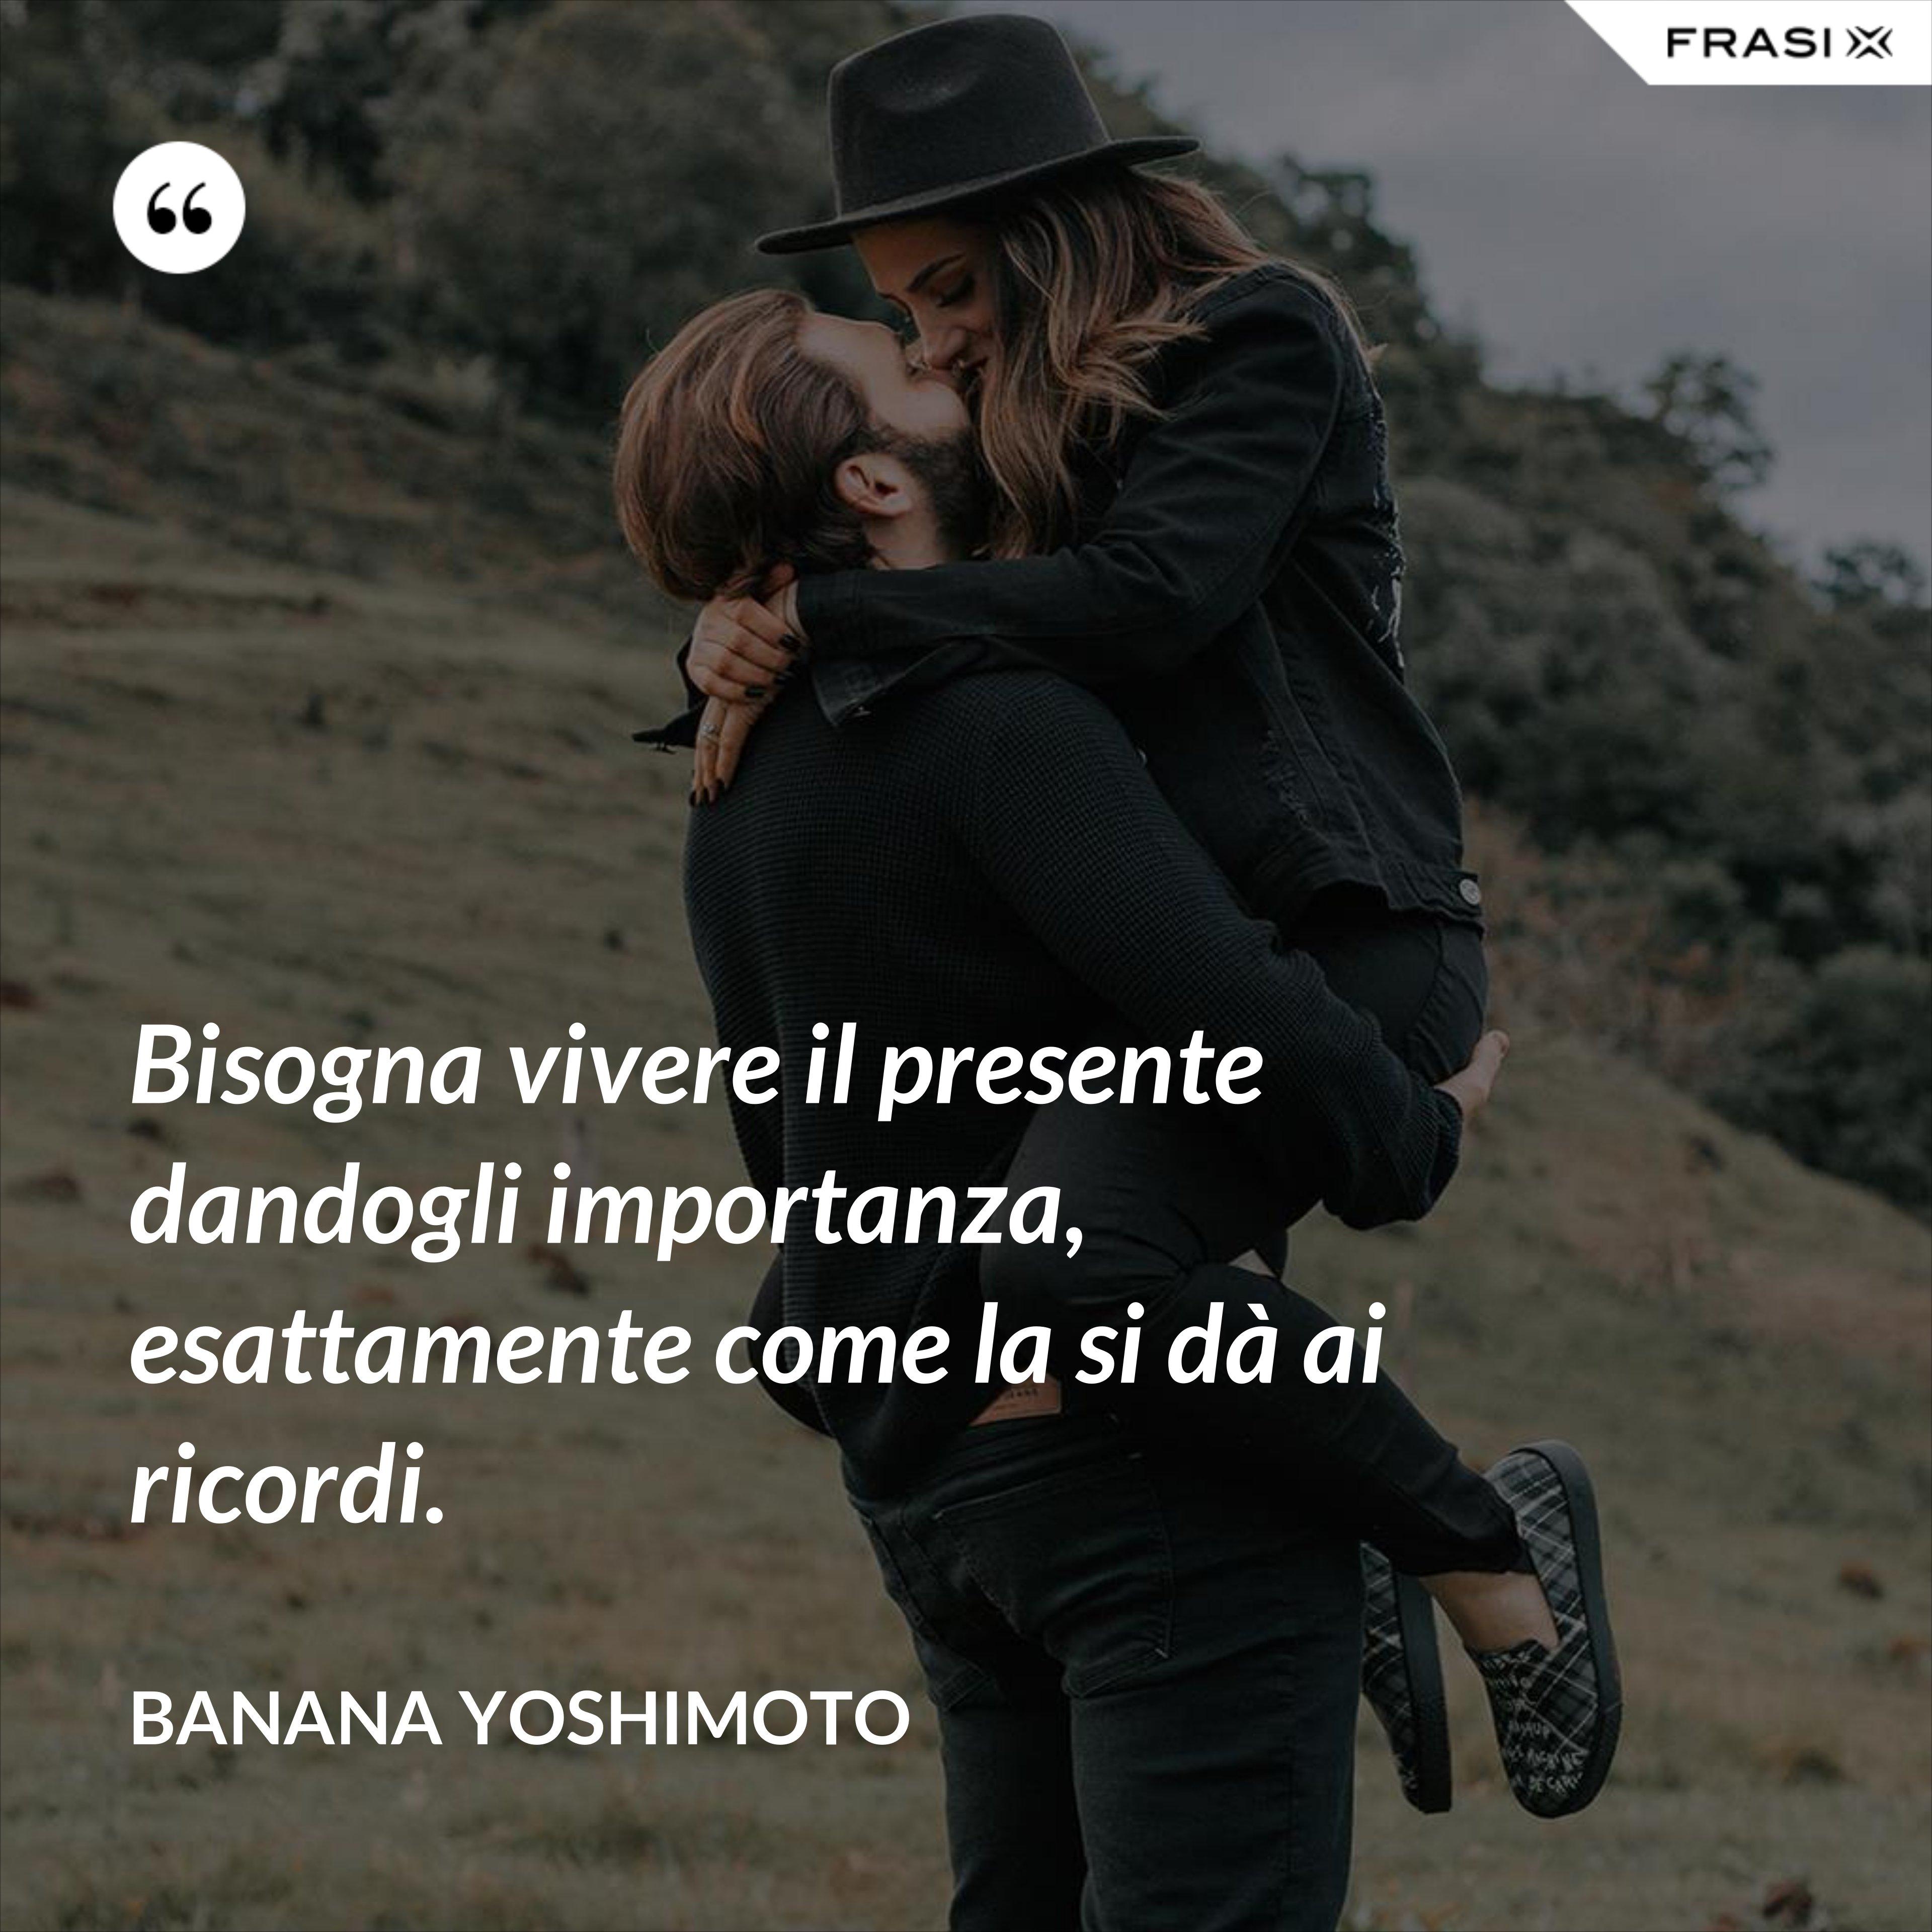 Bisogna vivere il presente dandogli importanza, esattamente come la si dà ai ricordi. - Banana Yoshimoto